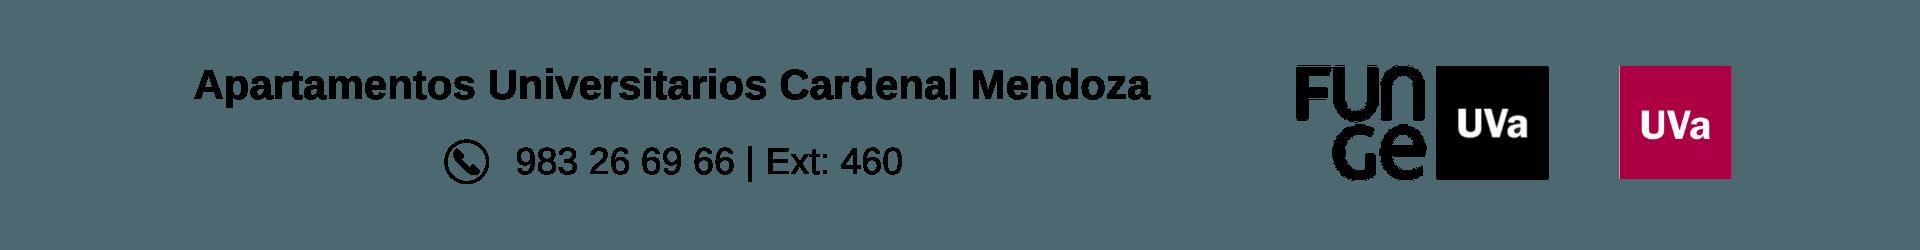 Contacto Apartamentos Universitarios Cardenal Mendoza